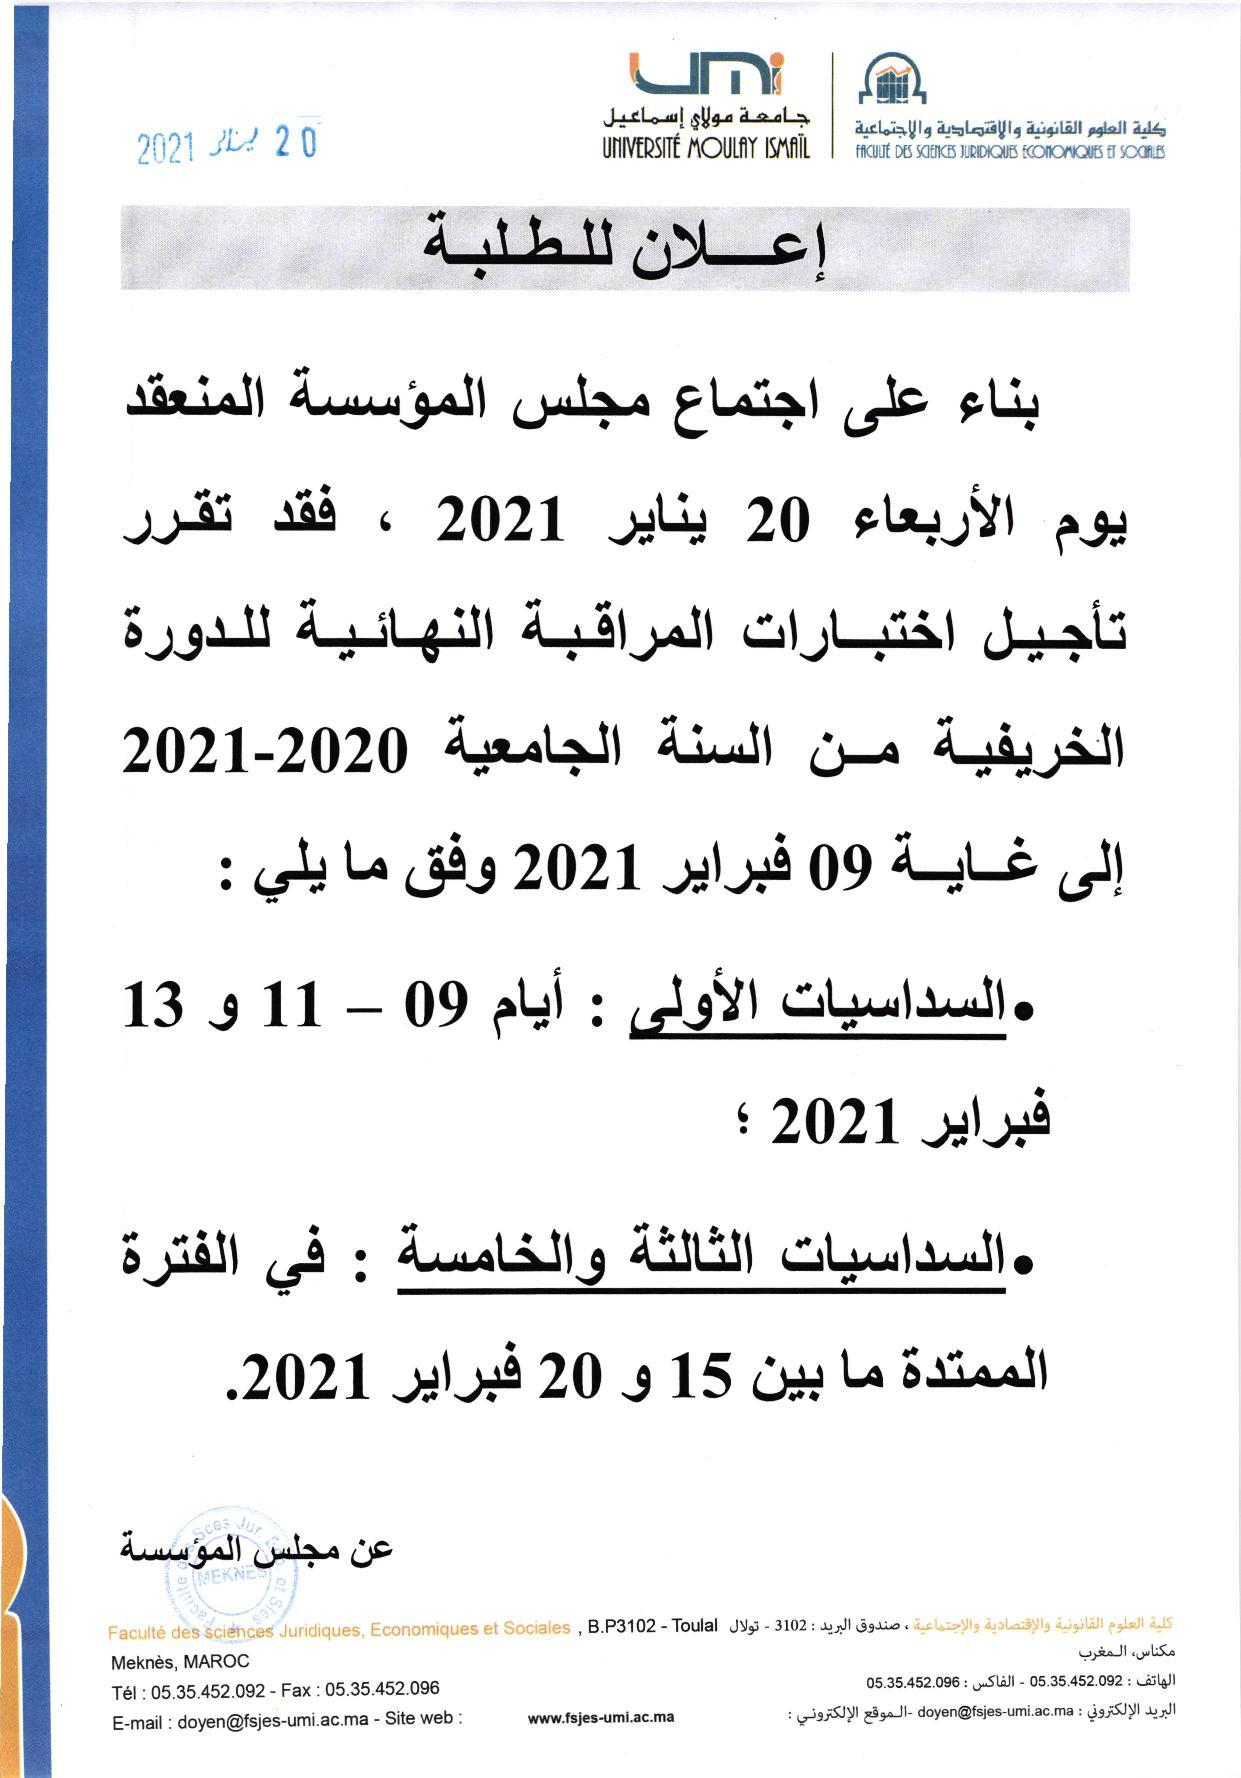 إعلان تأجيل امتحانات الدورة الخريفية 2020/2021